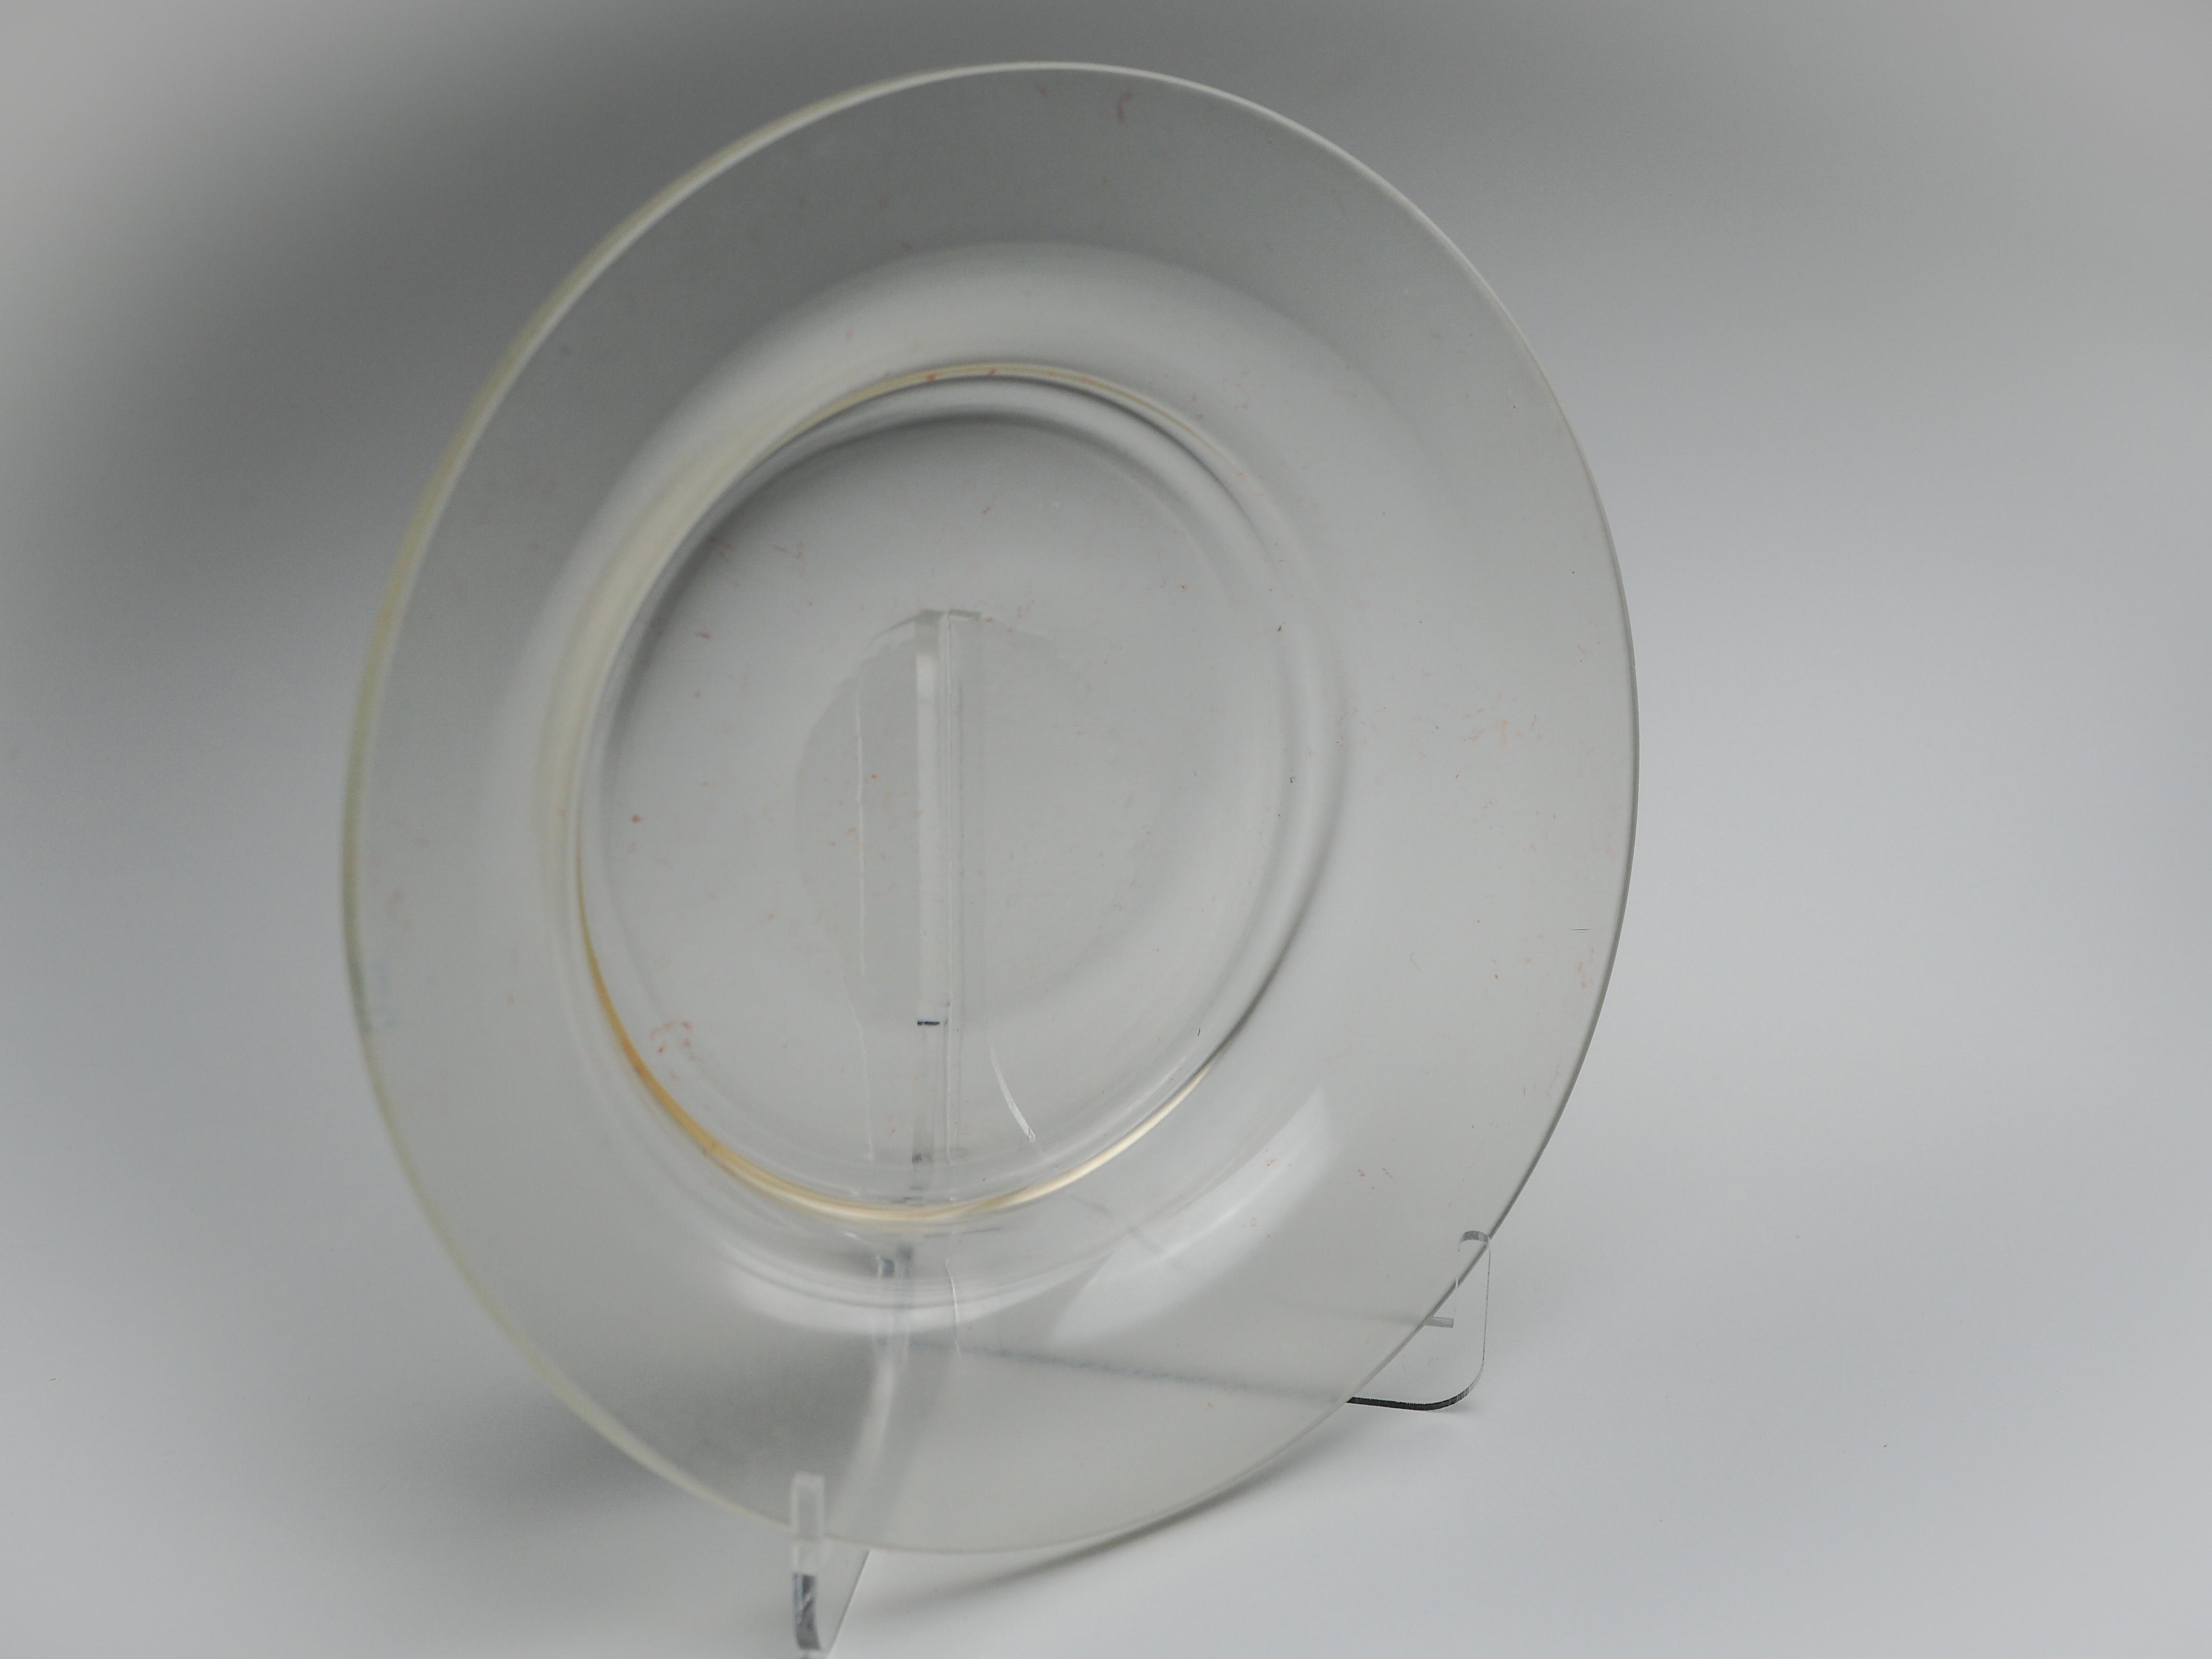 フルーツボウル-CL(クリア)fb-cl-11